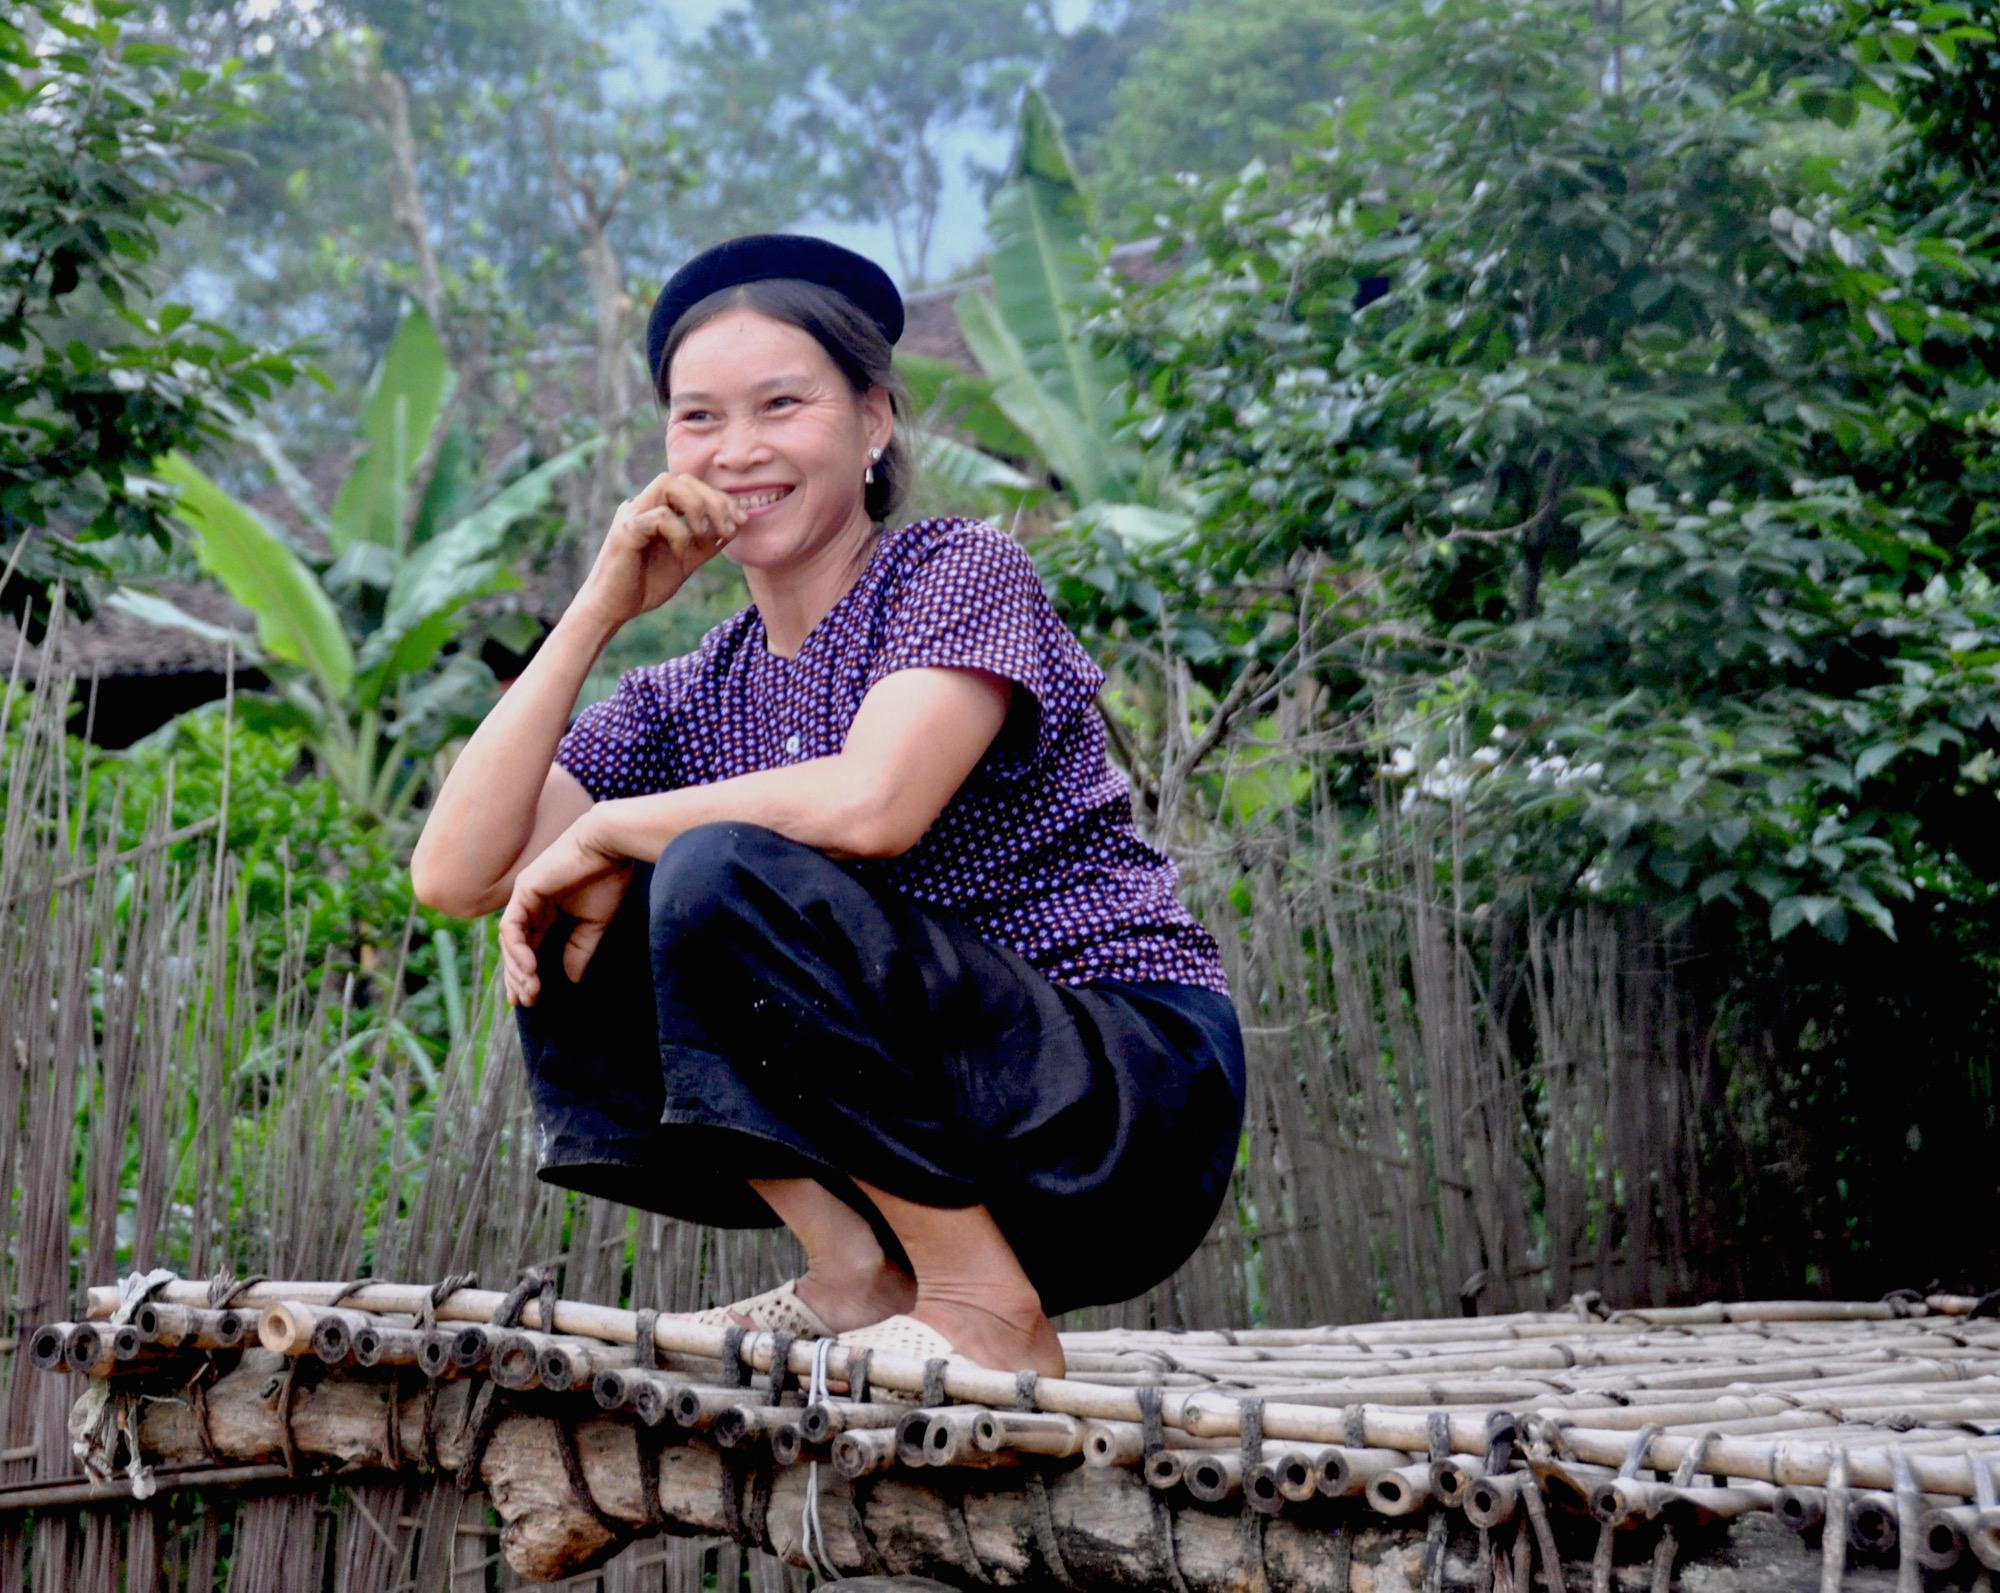 Verre reizen met kinderen Vietnam